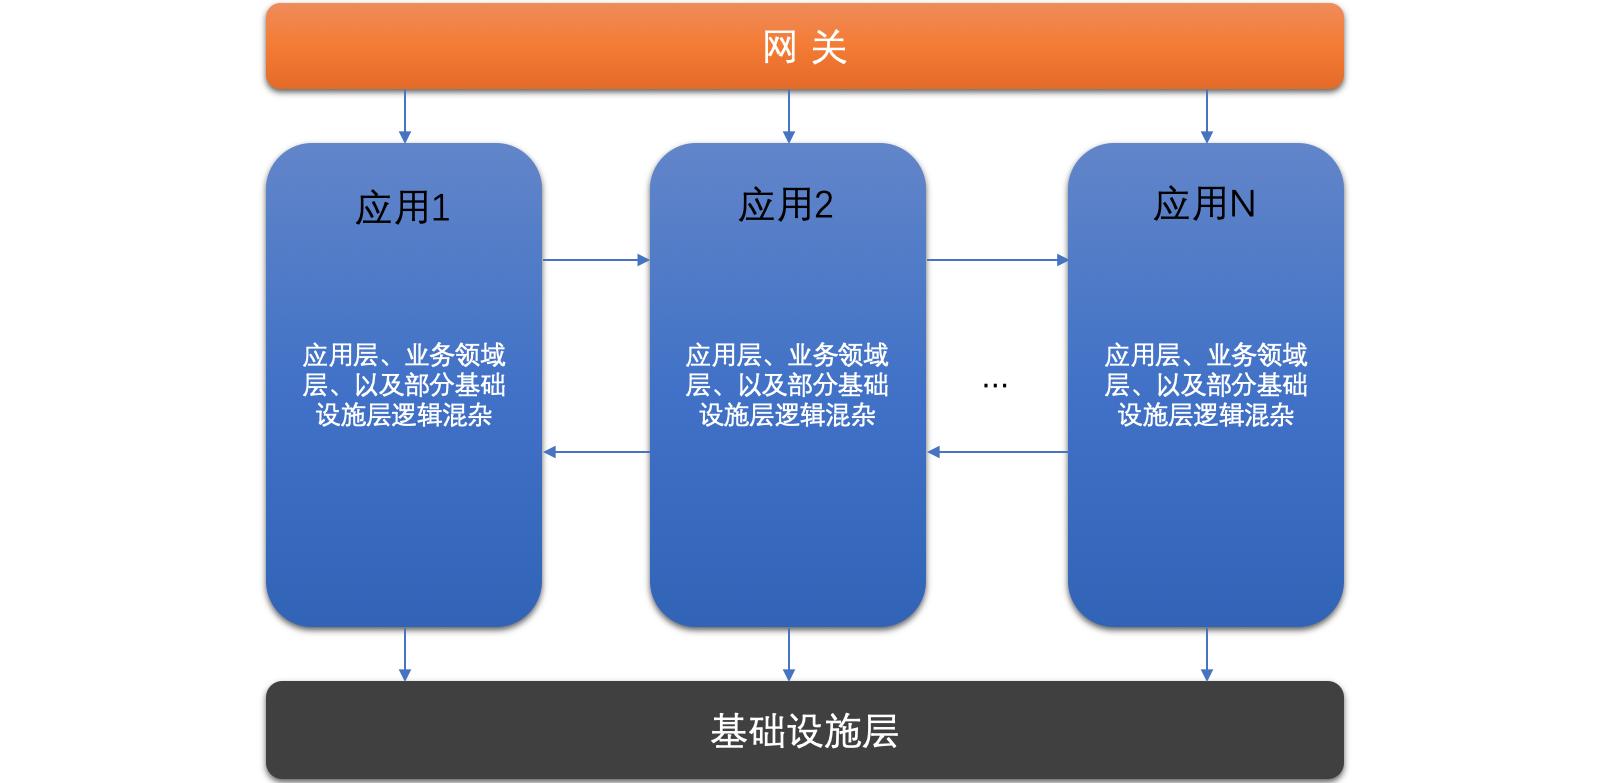 浅谈微服务体系中的分层设计和领域划分4